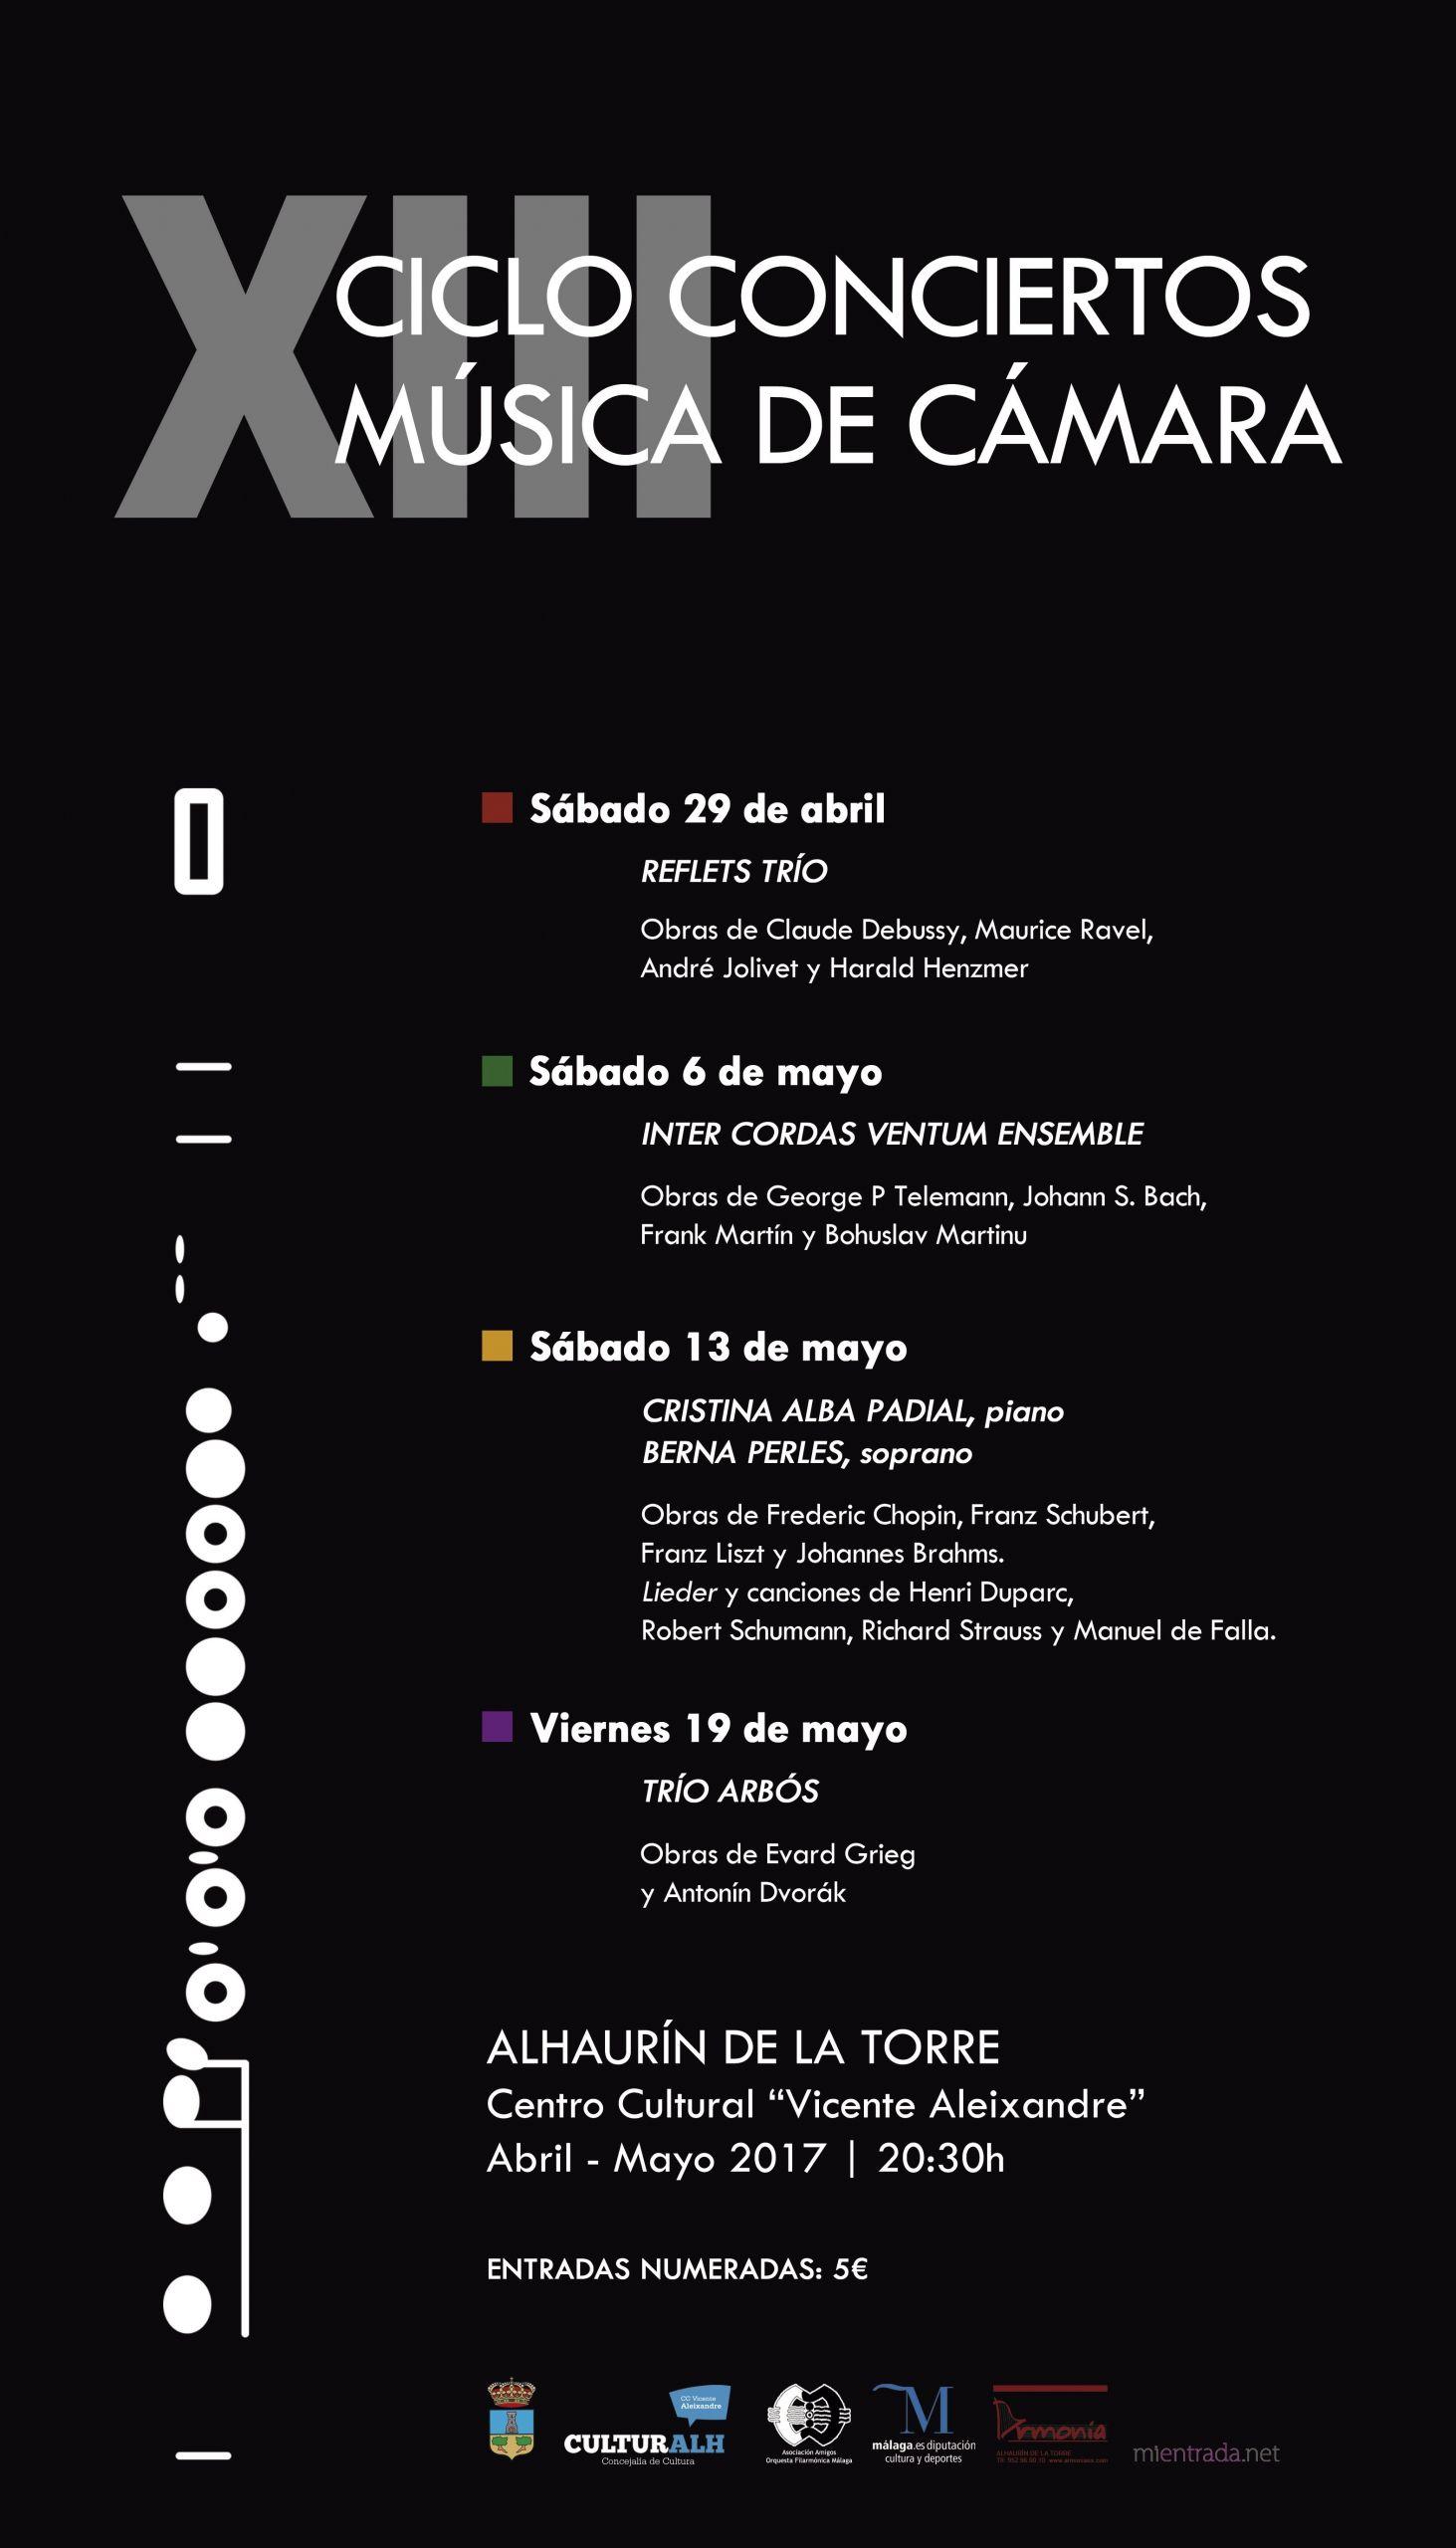 calendario 2019 con semanas numeradas mas reciente el giraldillo eventos re endados para el 29 de abril en andaluca of calendario 2019 con semanas numeradas